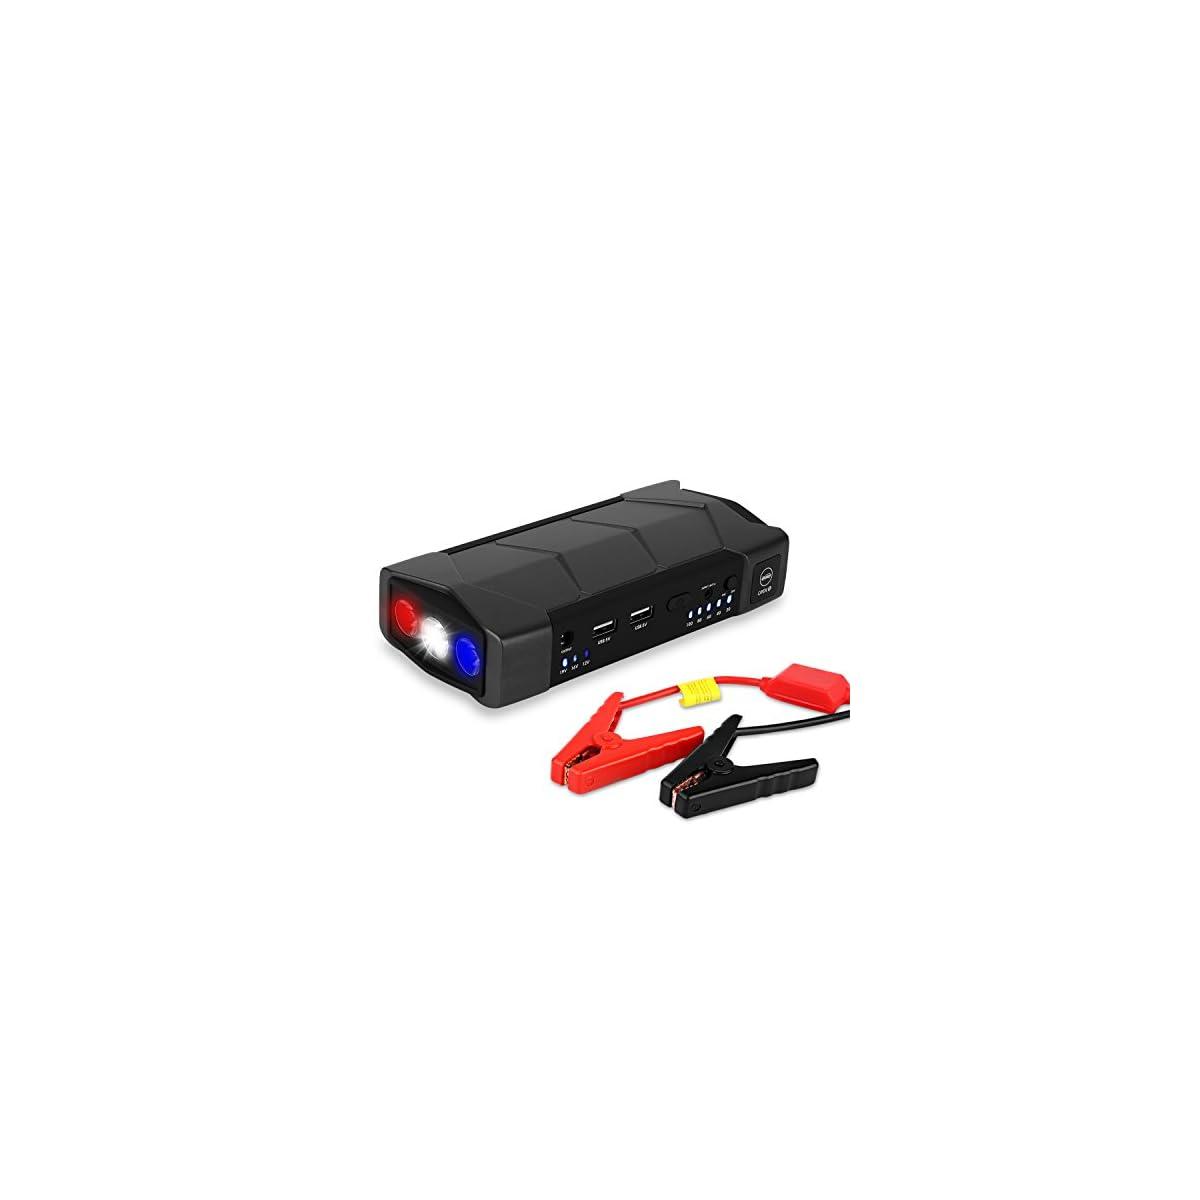 41MjiCWVXlL. SS1200  - Arrancador de Coche de 10.800 mAh, YOKKAO, Jump starter Cargador para Baterías de 12V y Cargador de 12V, 16V, 19V, Batería Externa con Luces de Emergencia, Kit de Arranque para Coche, Moto y Cargador de Smartphone, Laptop, etc.